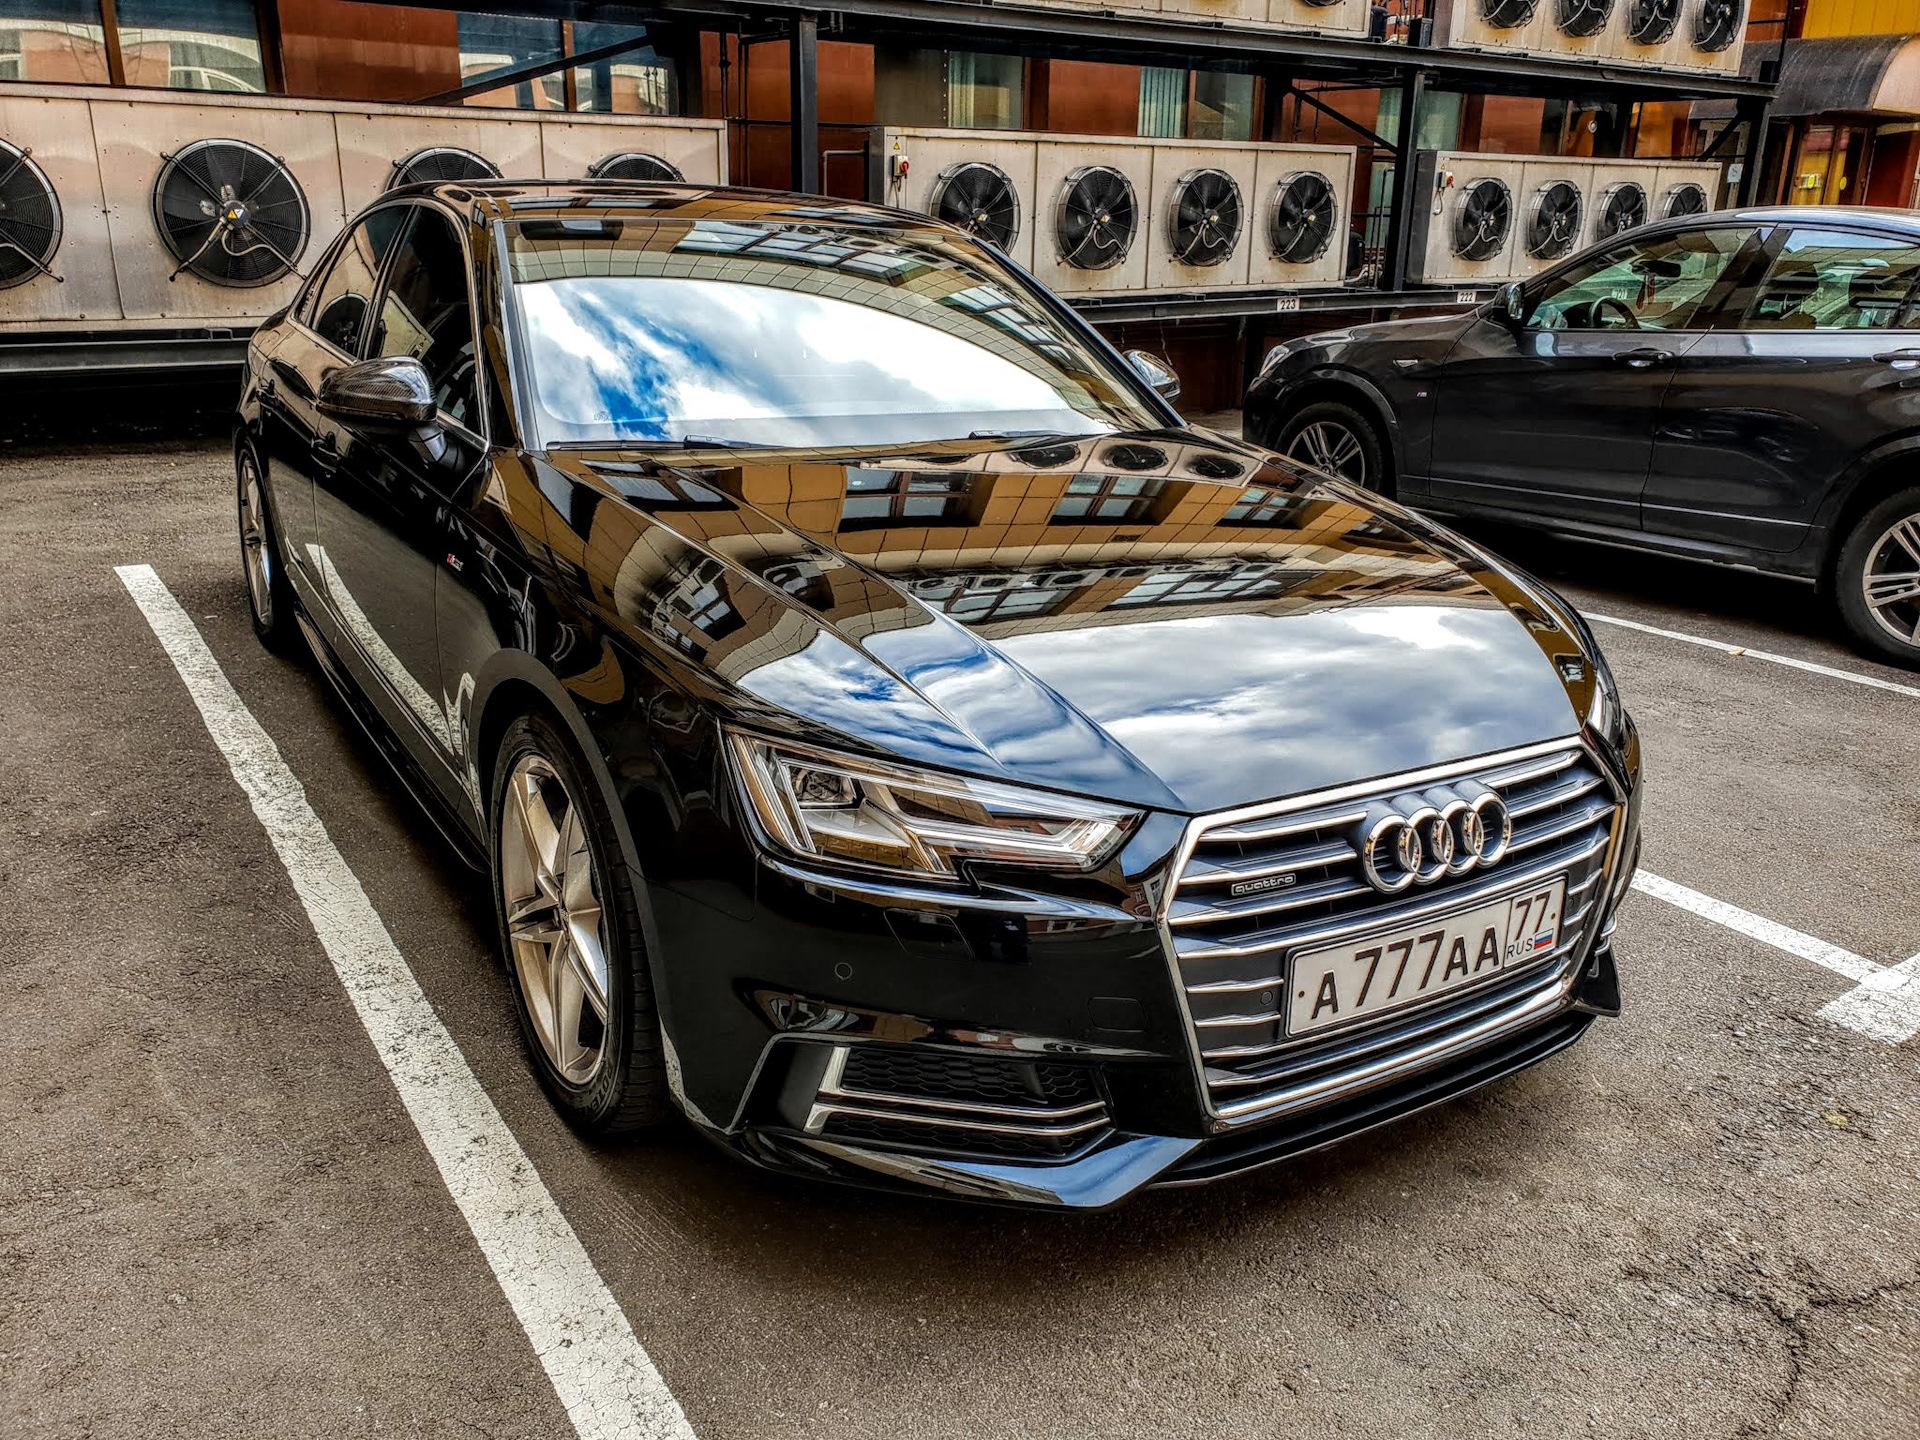 Замер 0-100 в +10С на REVO stage 1 — Audi A4, 2 0 л , 2017 года на